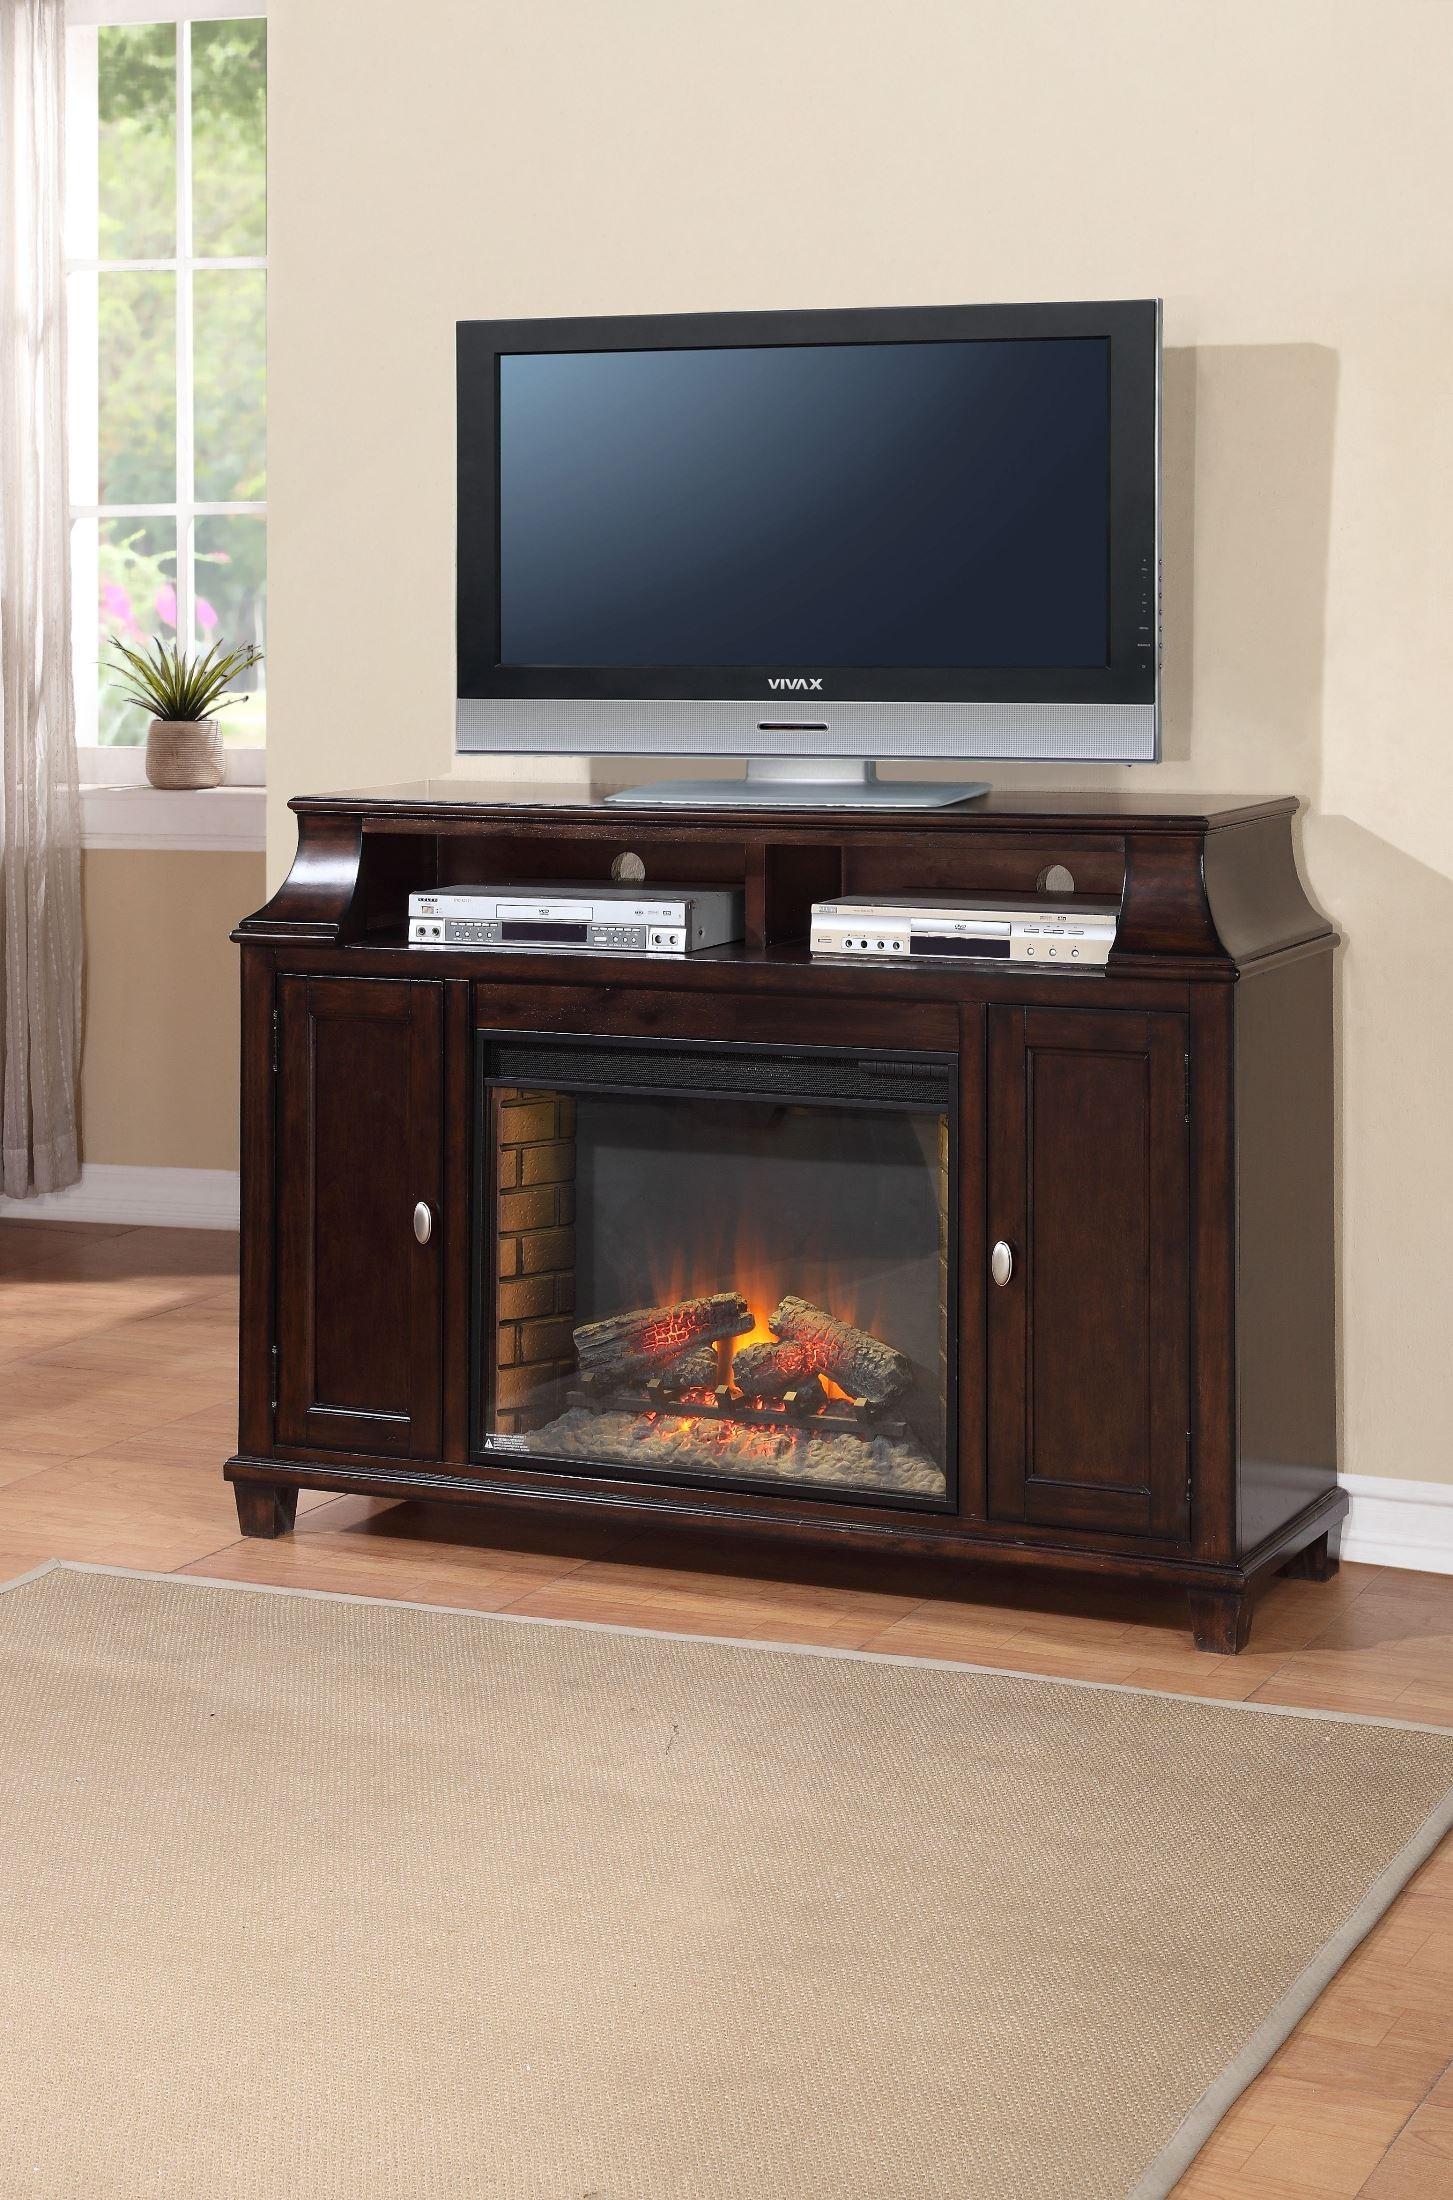 manchester rustic black fireplace media center from legends zman 1900 coleman furniture. Black Bedroom Furniture Sets. Home Design Ideas